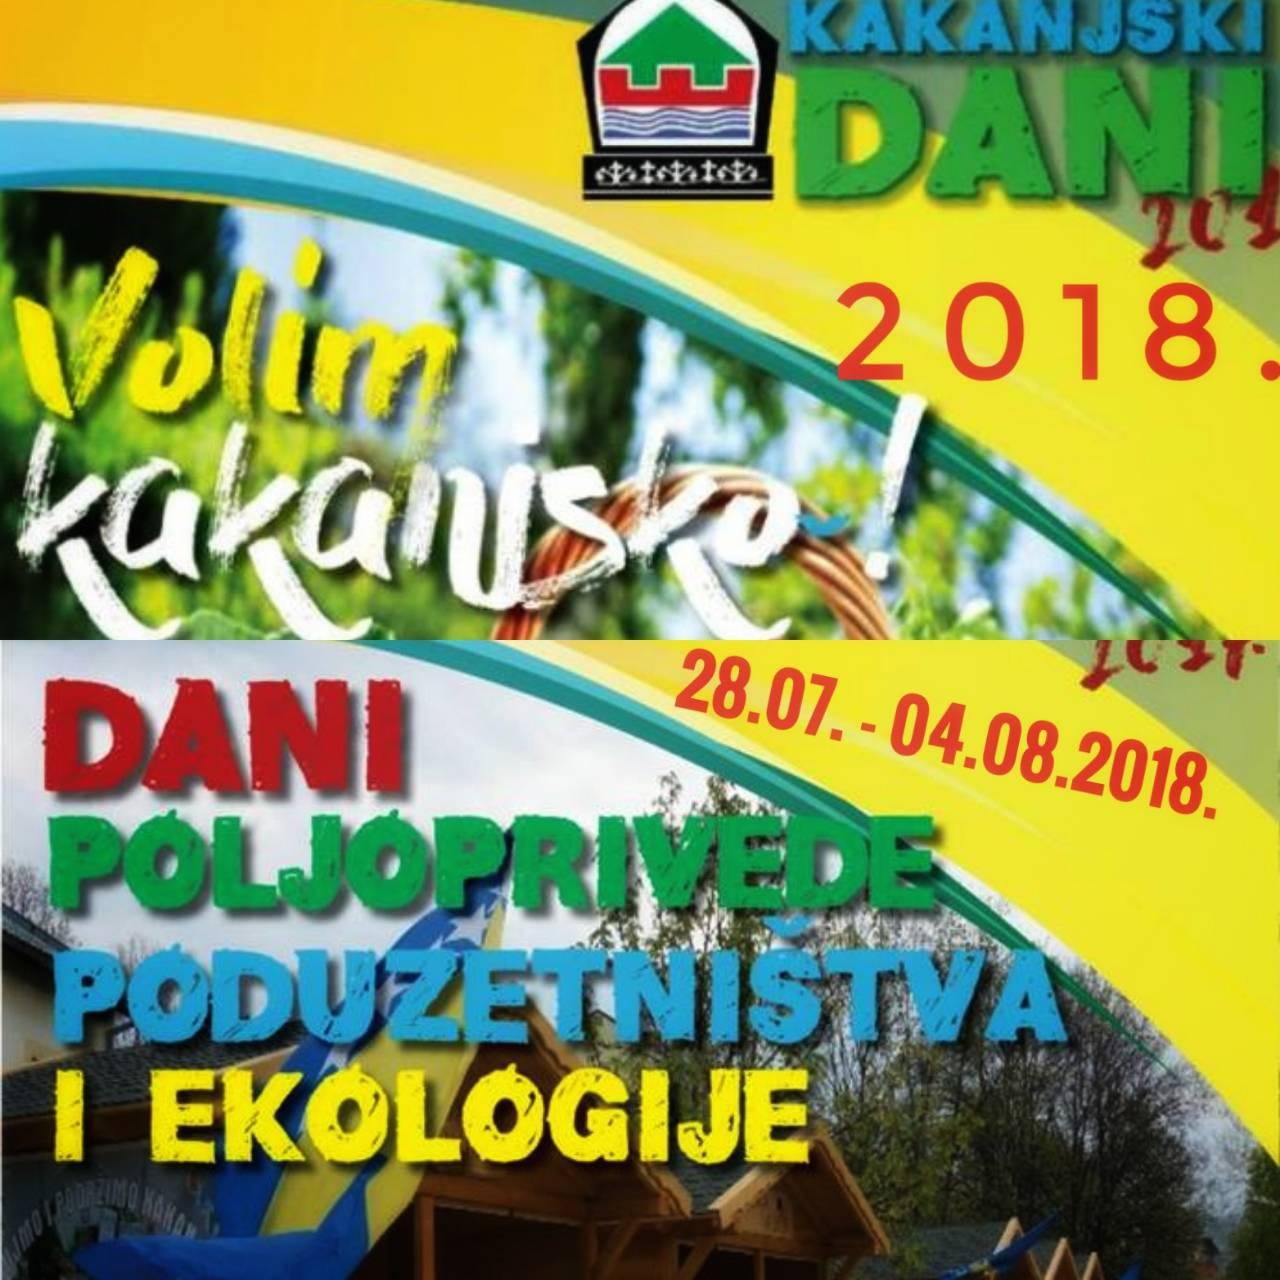 """U sklopu KD2018 tradicionalno """"Dani poljoprivrede, poduzetništva i ekologije"""" – 8 dana"""